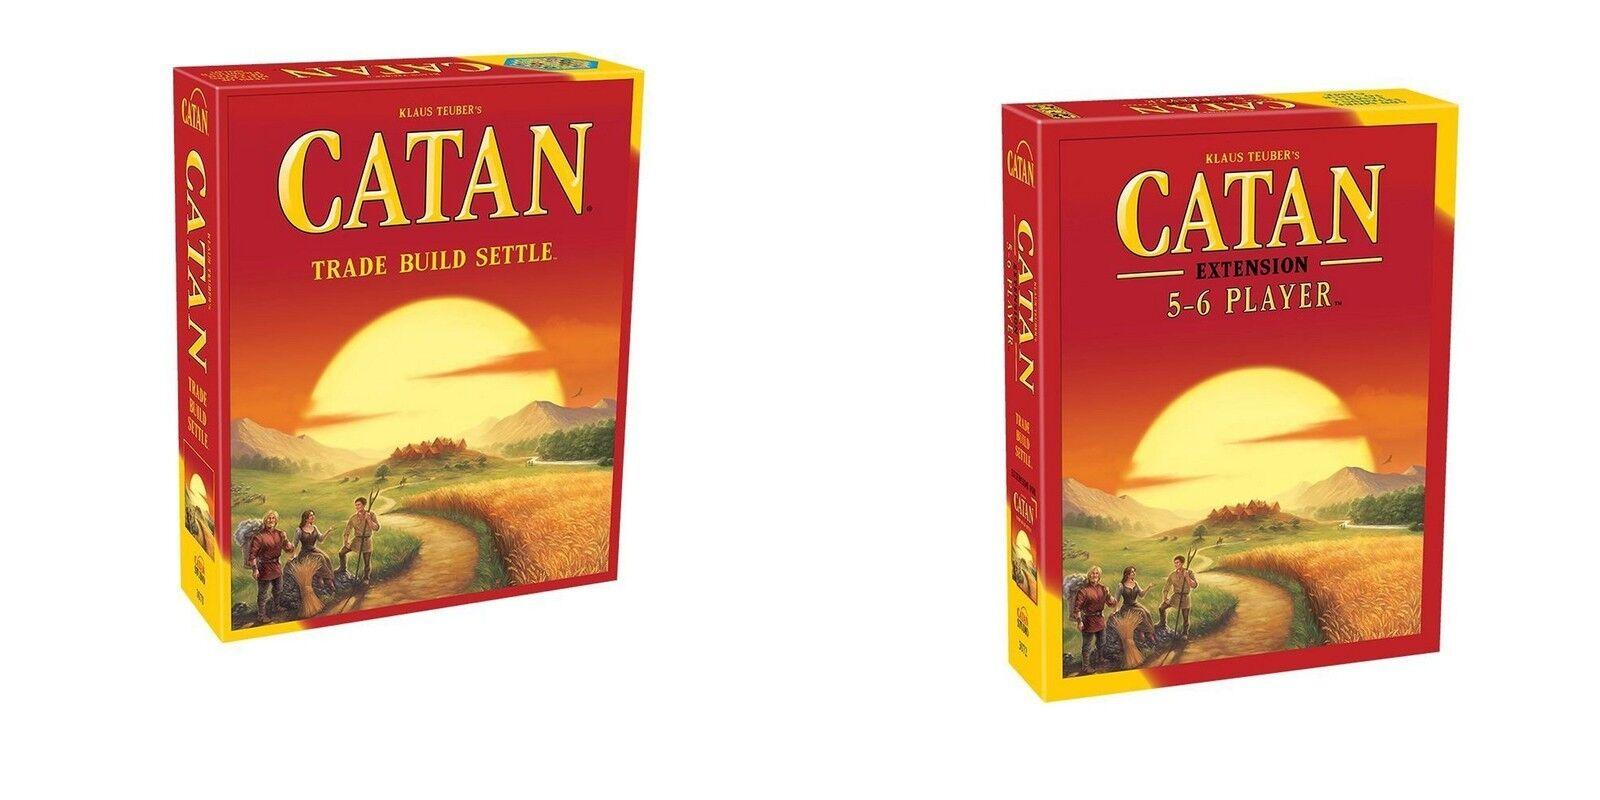 Catan  Studio  (colons de) Catan Jeu De Plateau + 5-6 Lecteur Rallonge Bundle (Nouveau)  meilleurs prix et styles les plus frais